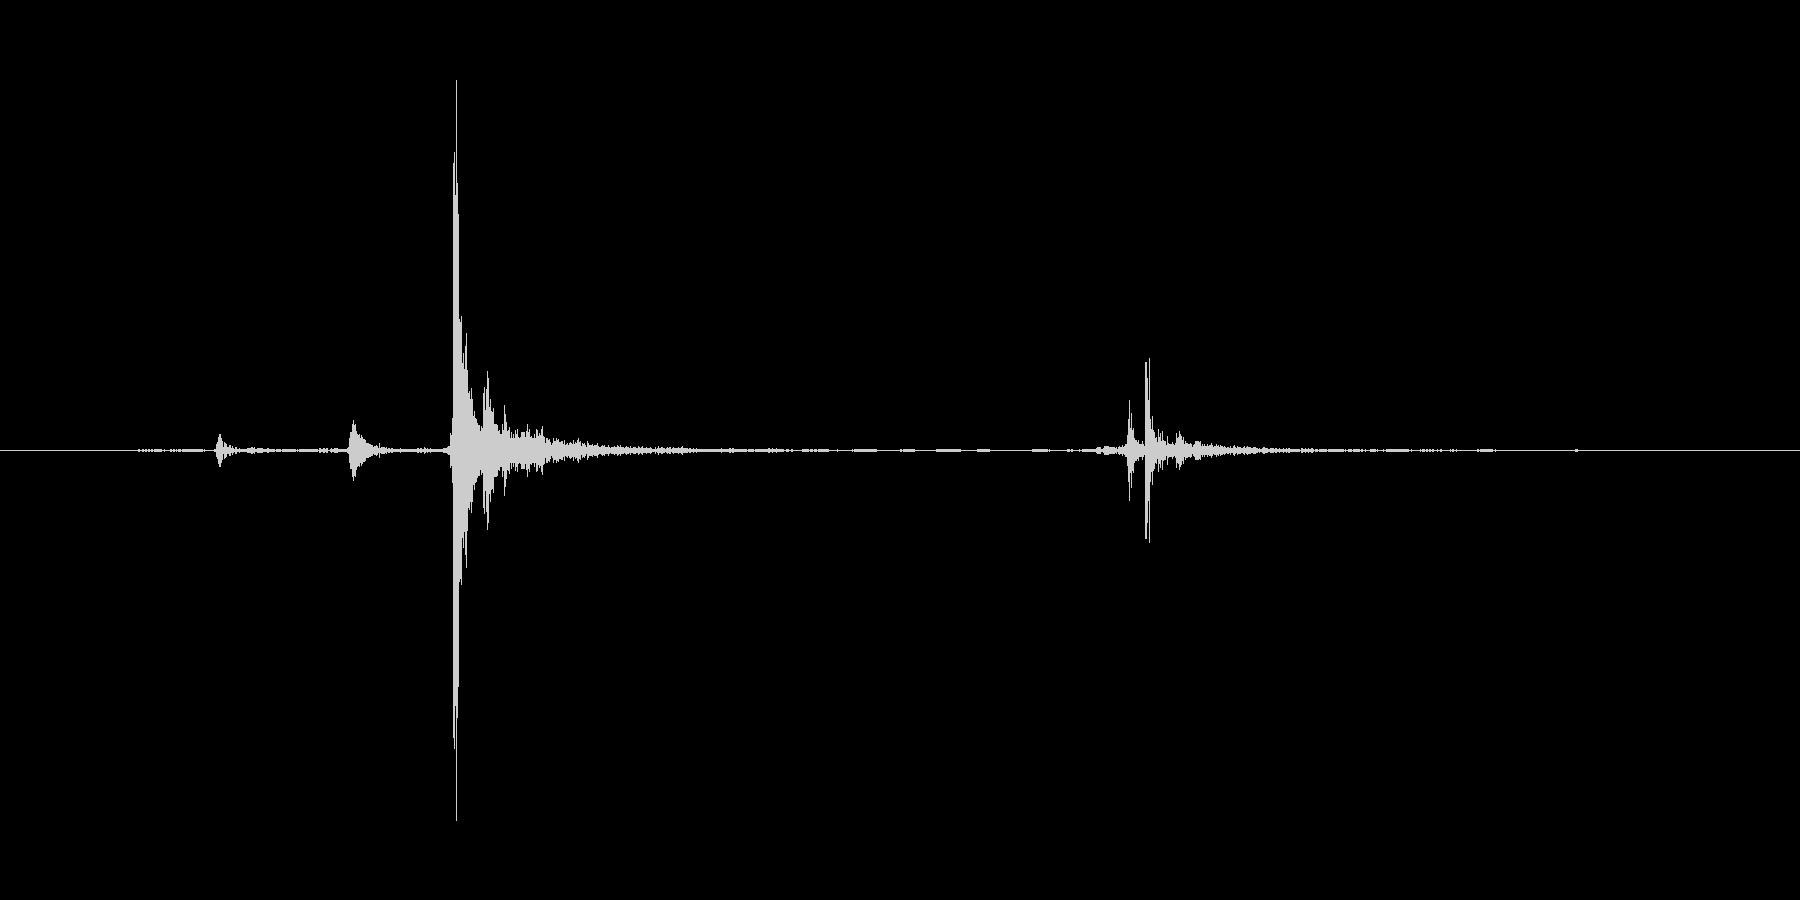 カチッ(プッシュスイッチ音)の未再生の波形